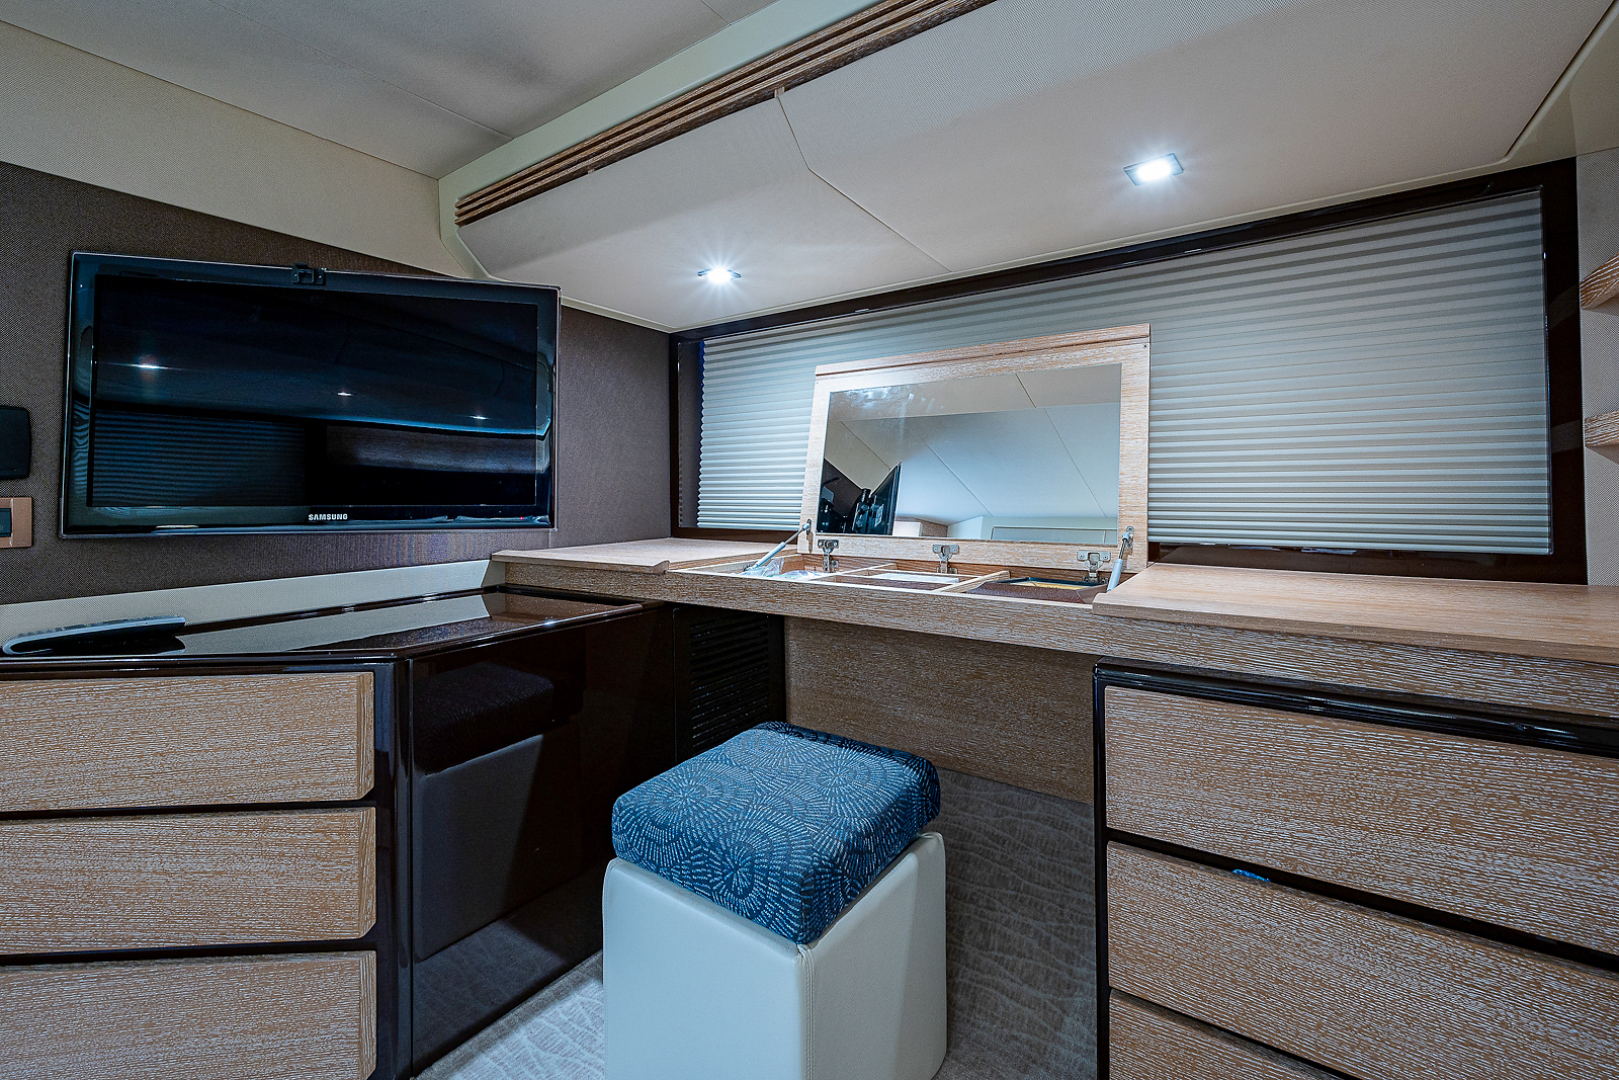 Azimut-58 Fly Motor Yacht 2011-Nova Fort Lauderdale-Florida-United States-58_azimut_nova__master_stateroom13-1490548 | Thumbnail